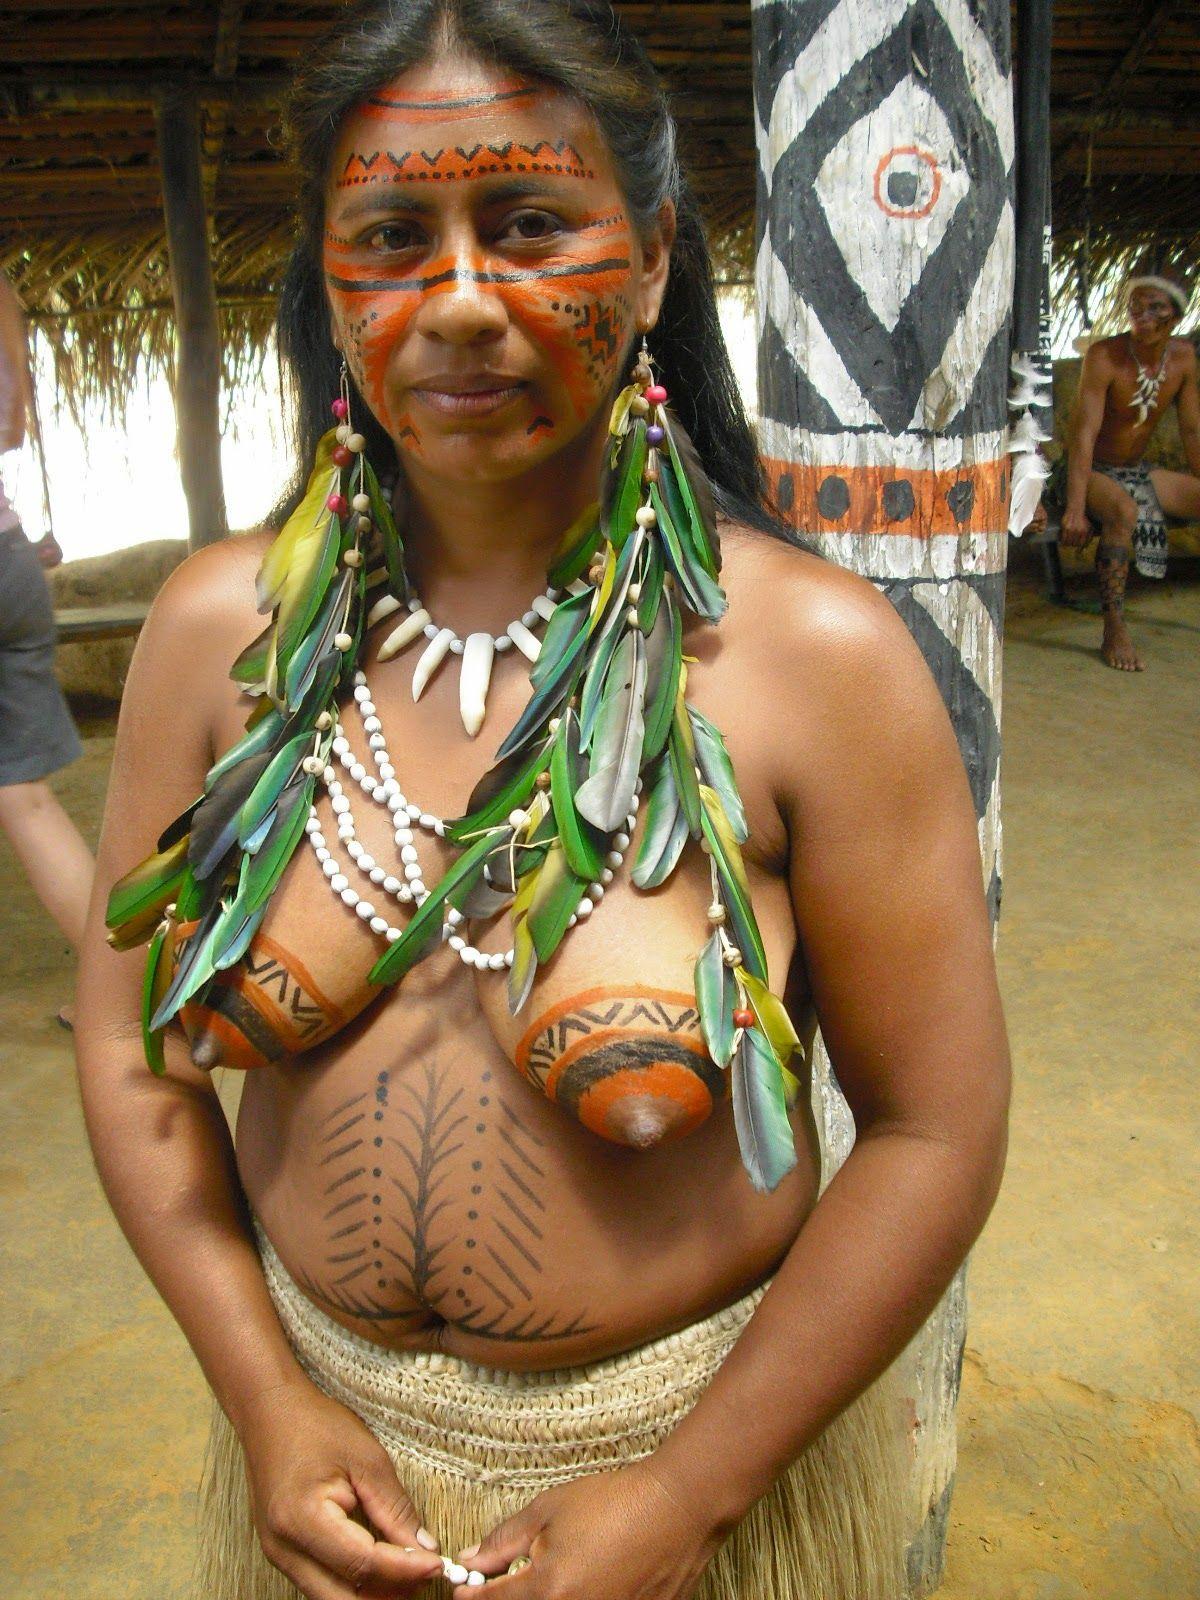 indian-tribals-nude-antonia-stokes-golden-showers